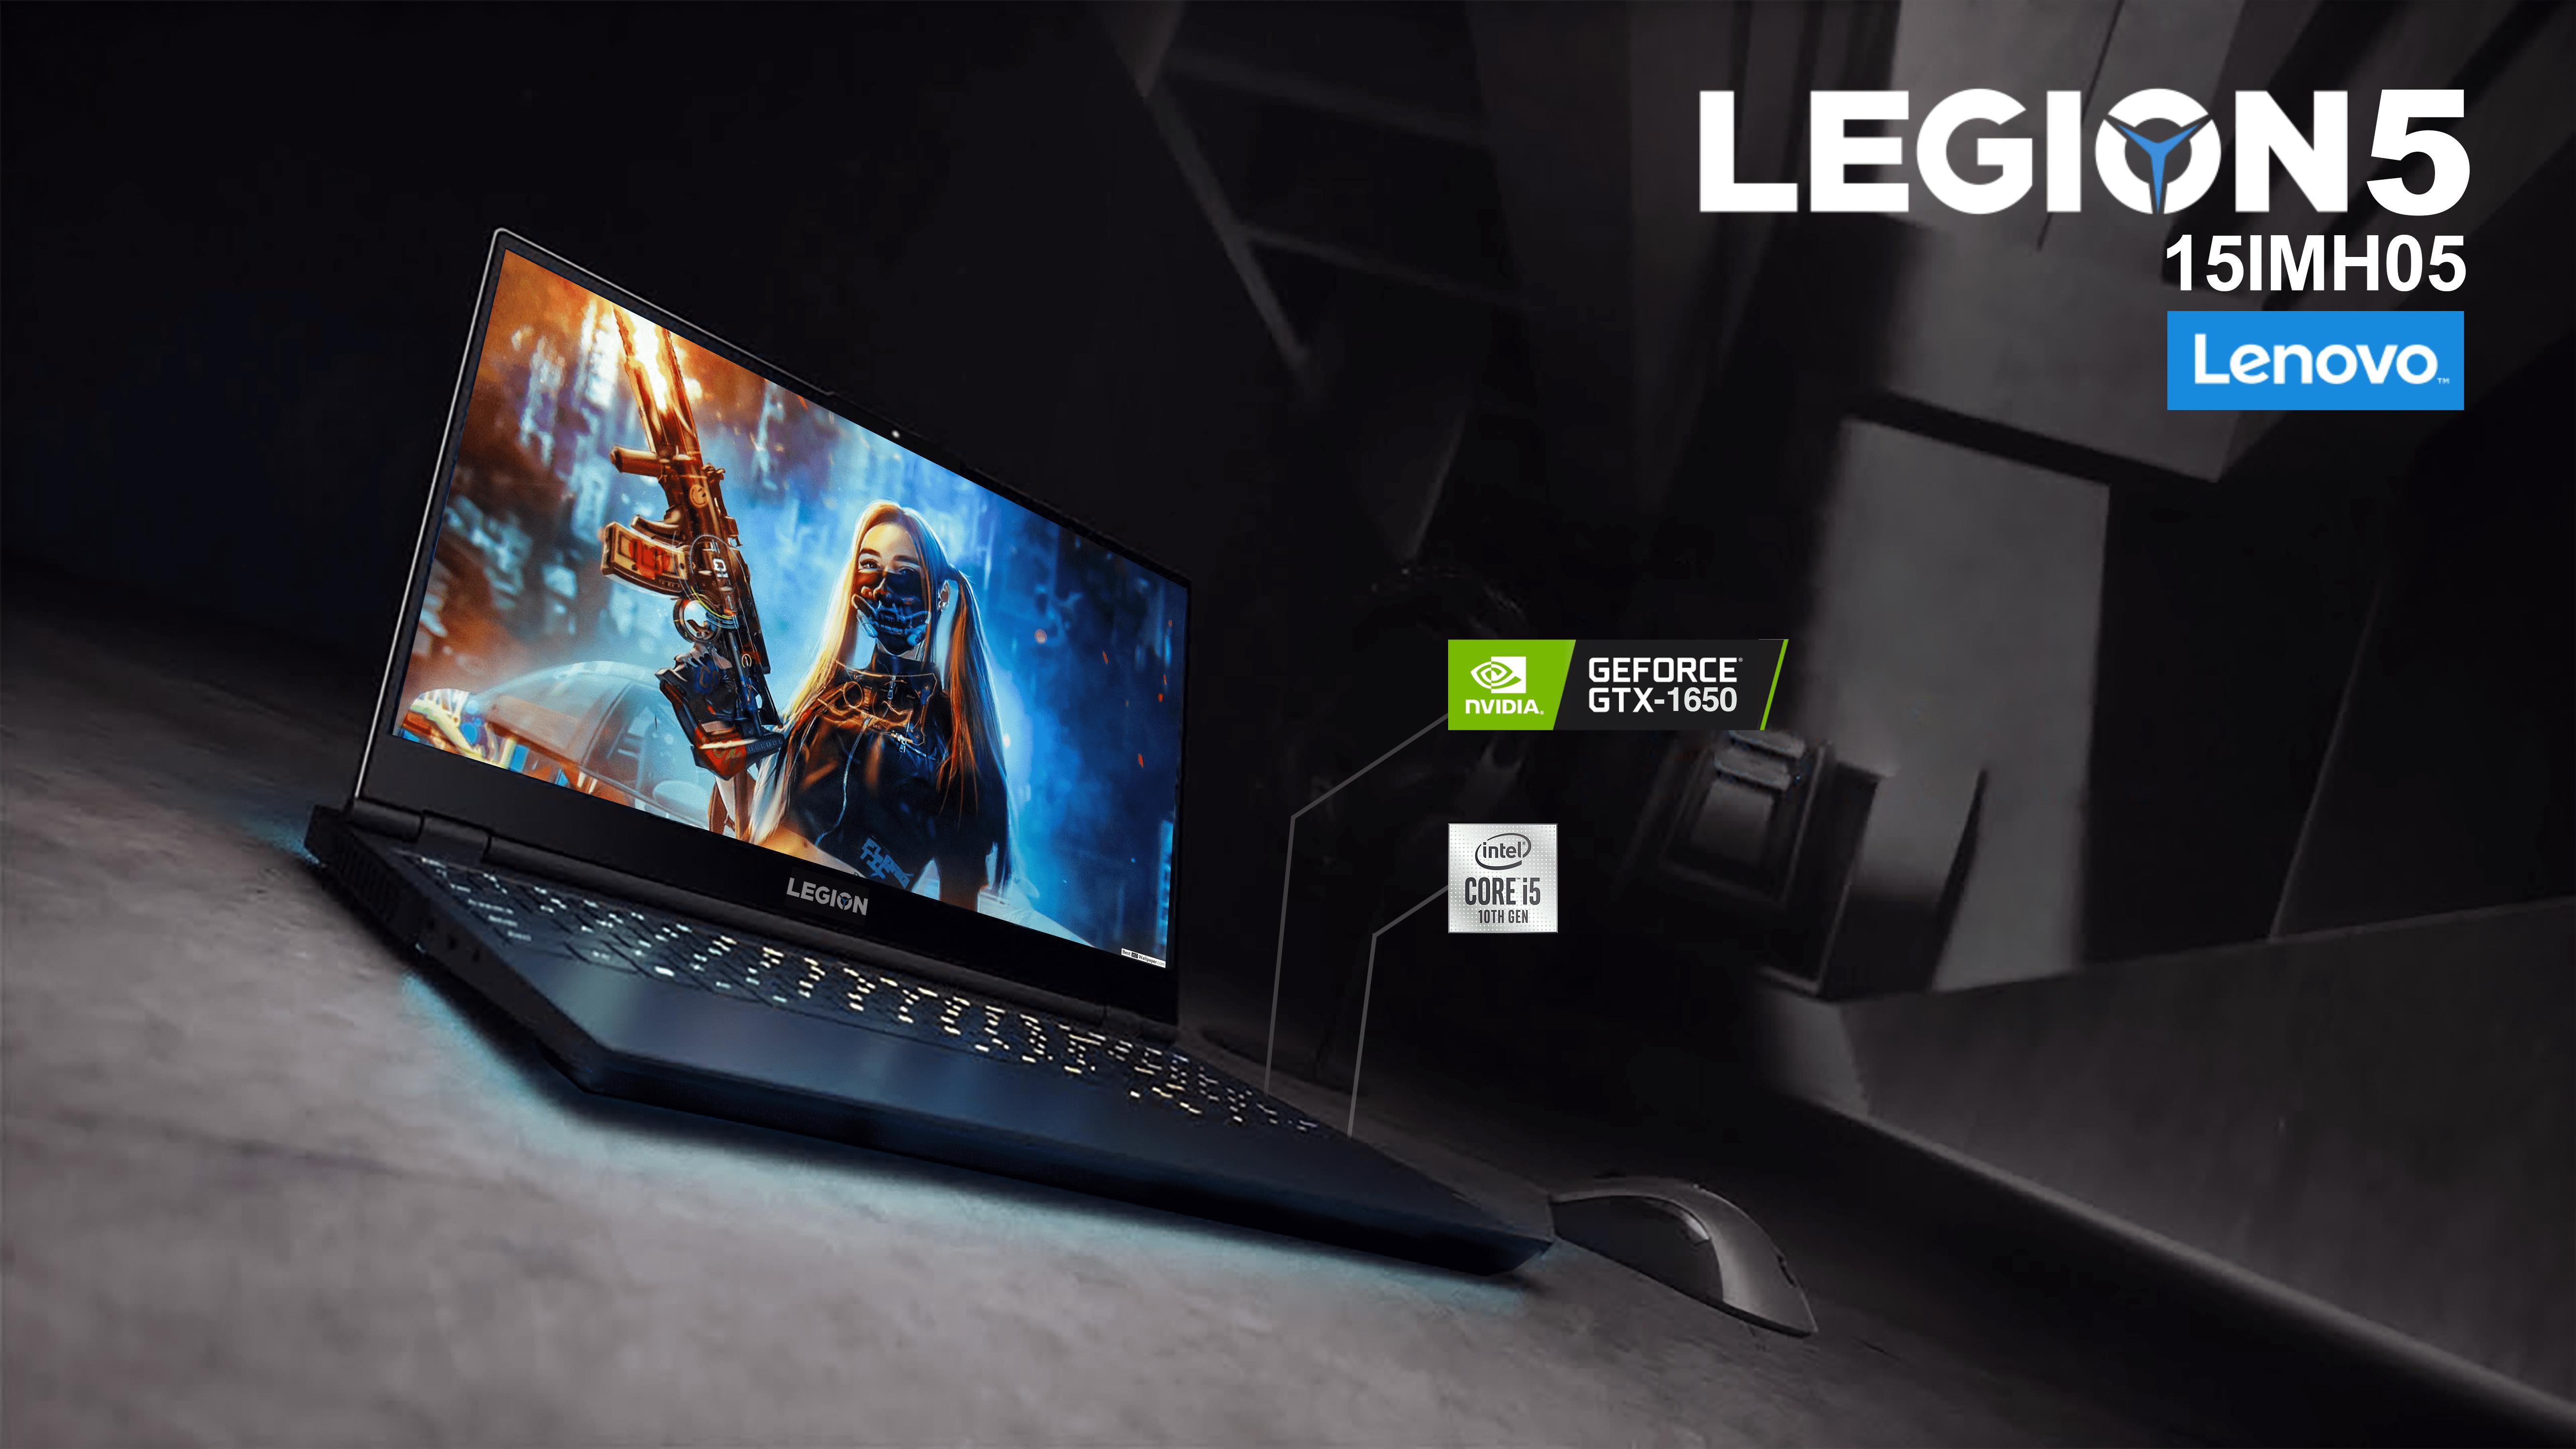 Lenovo Legion 5 15IMH05: Thách thức cấu hình với tất cả đối thủ cùng phân khúc